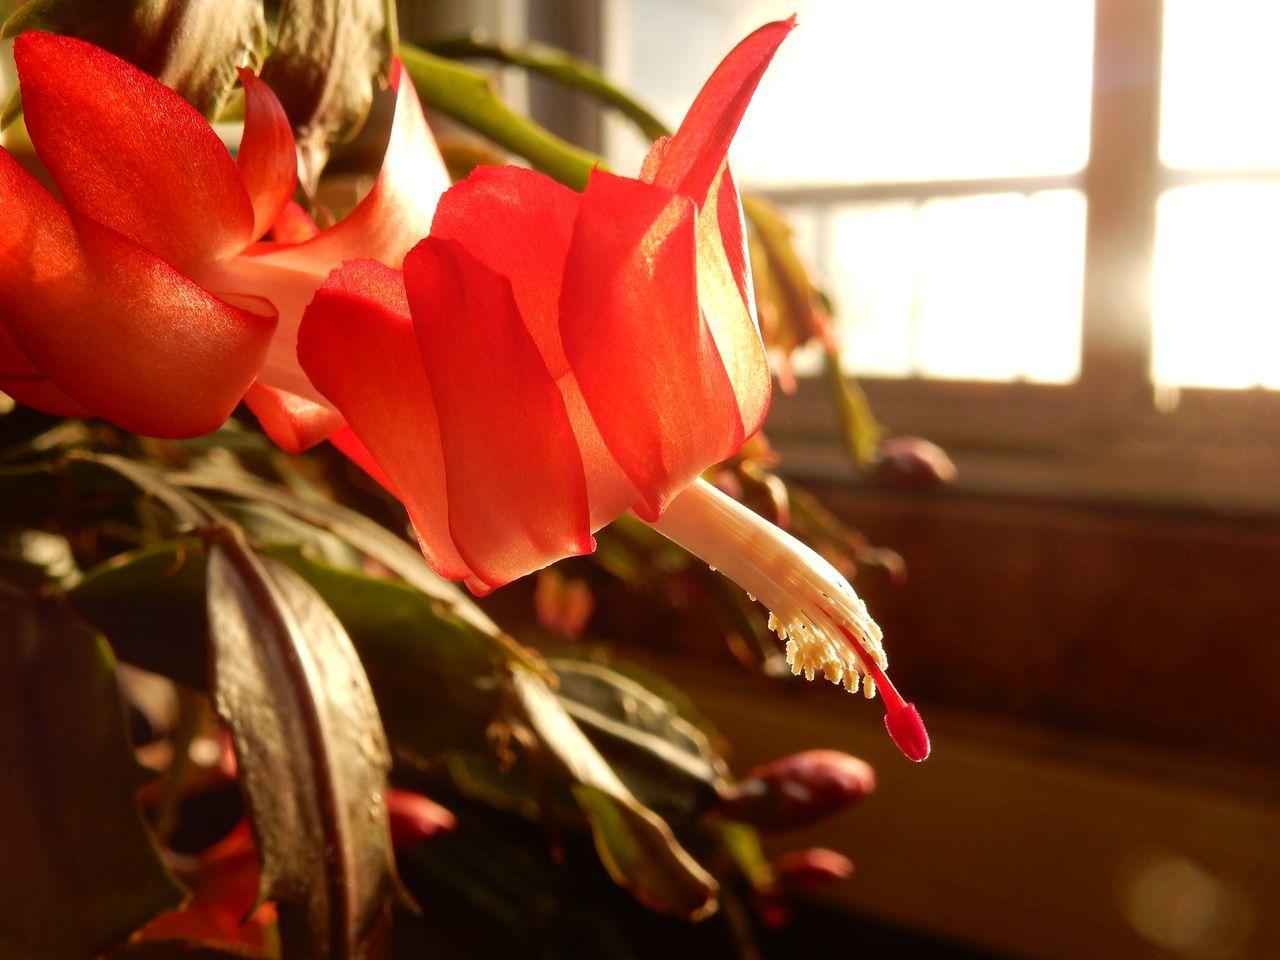 クリスマス・カクタス、最初の一輪が咲きました_c0025115_22480331.jpg